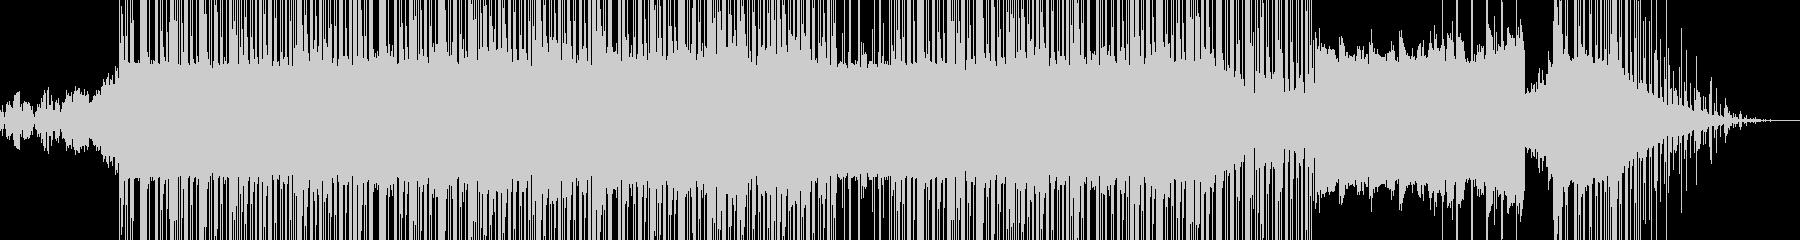 劇的なスローラップビートの未再生の波形